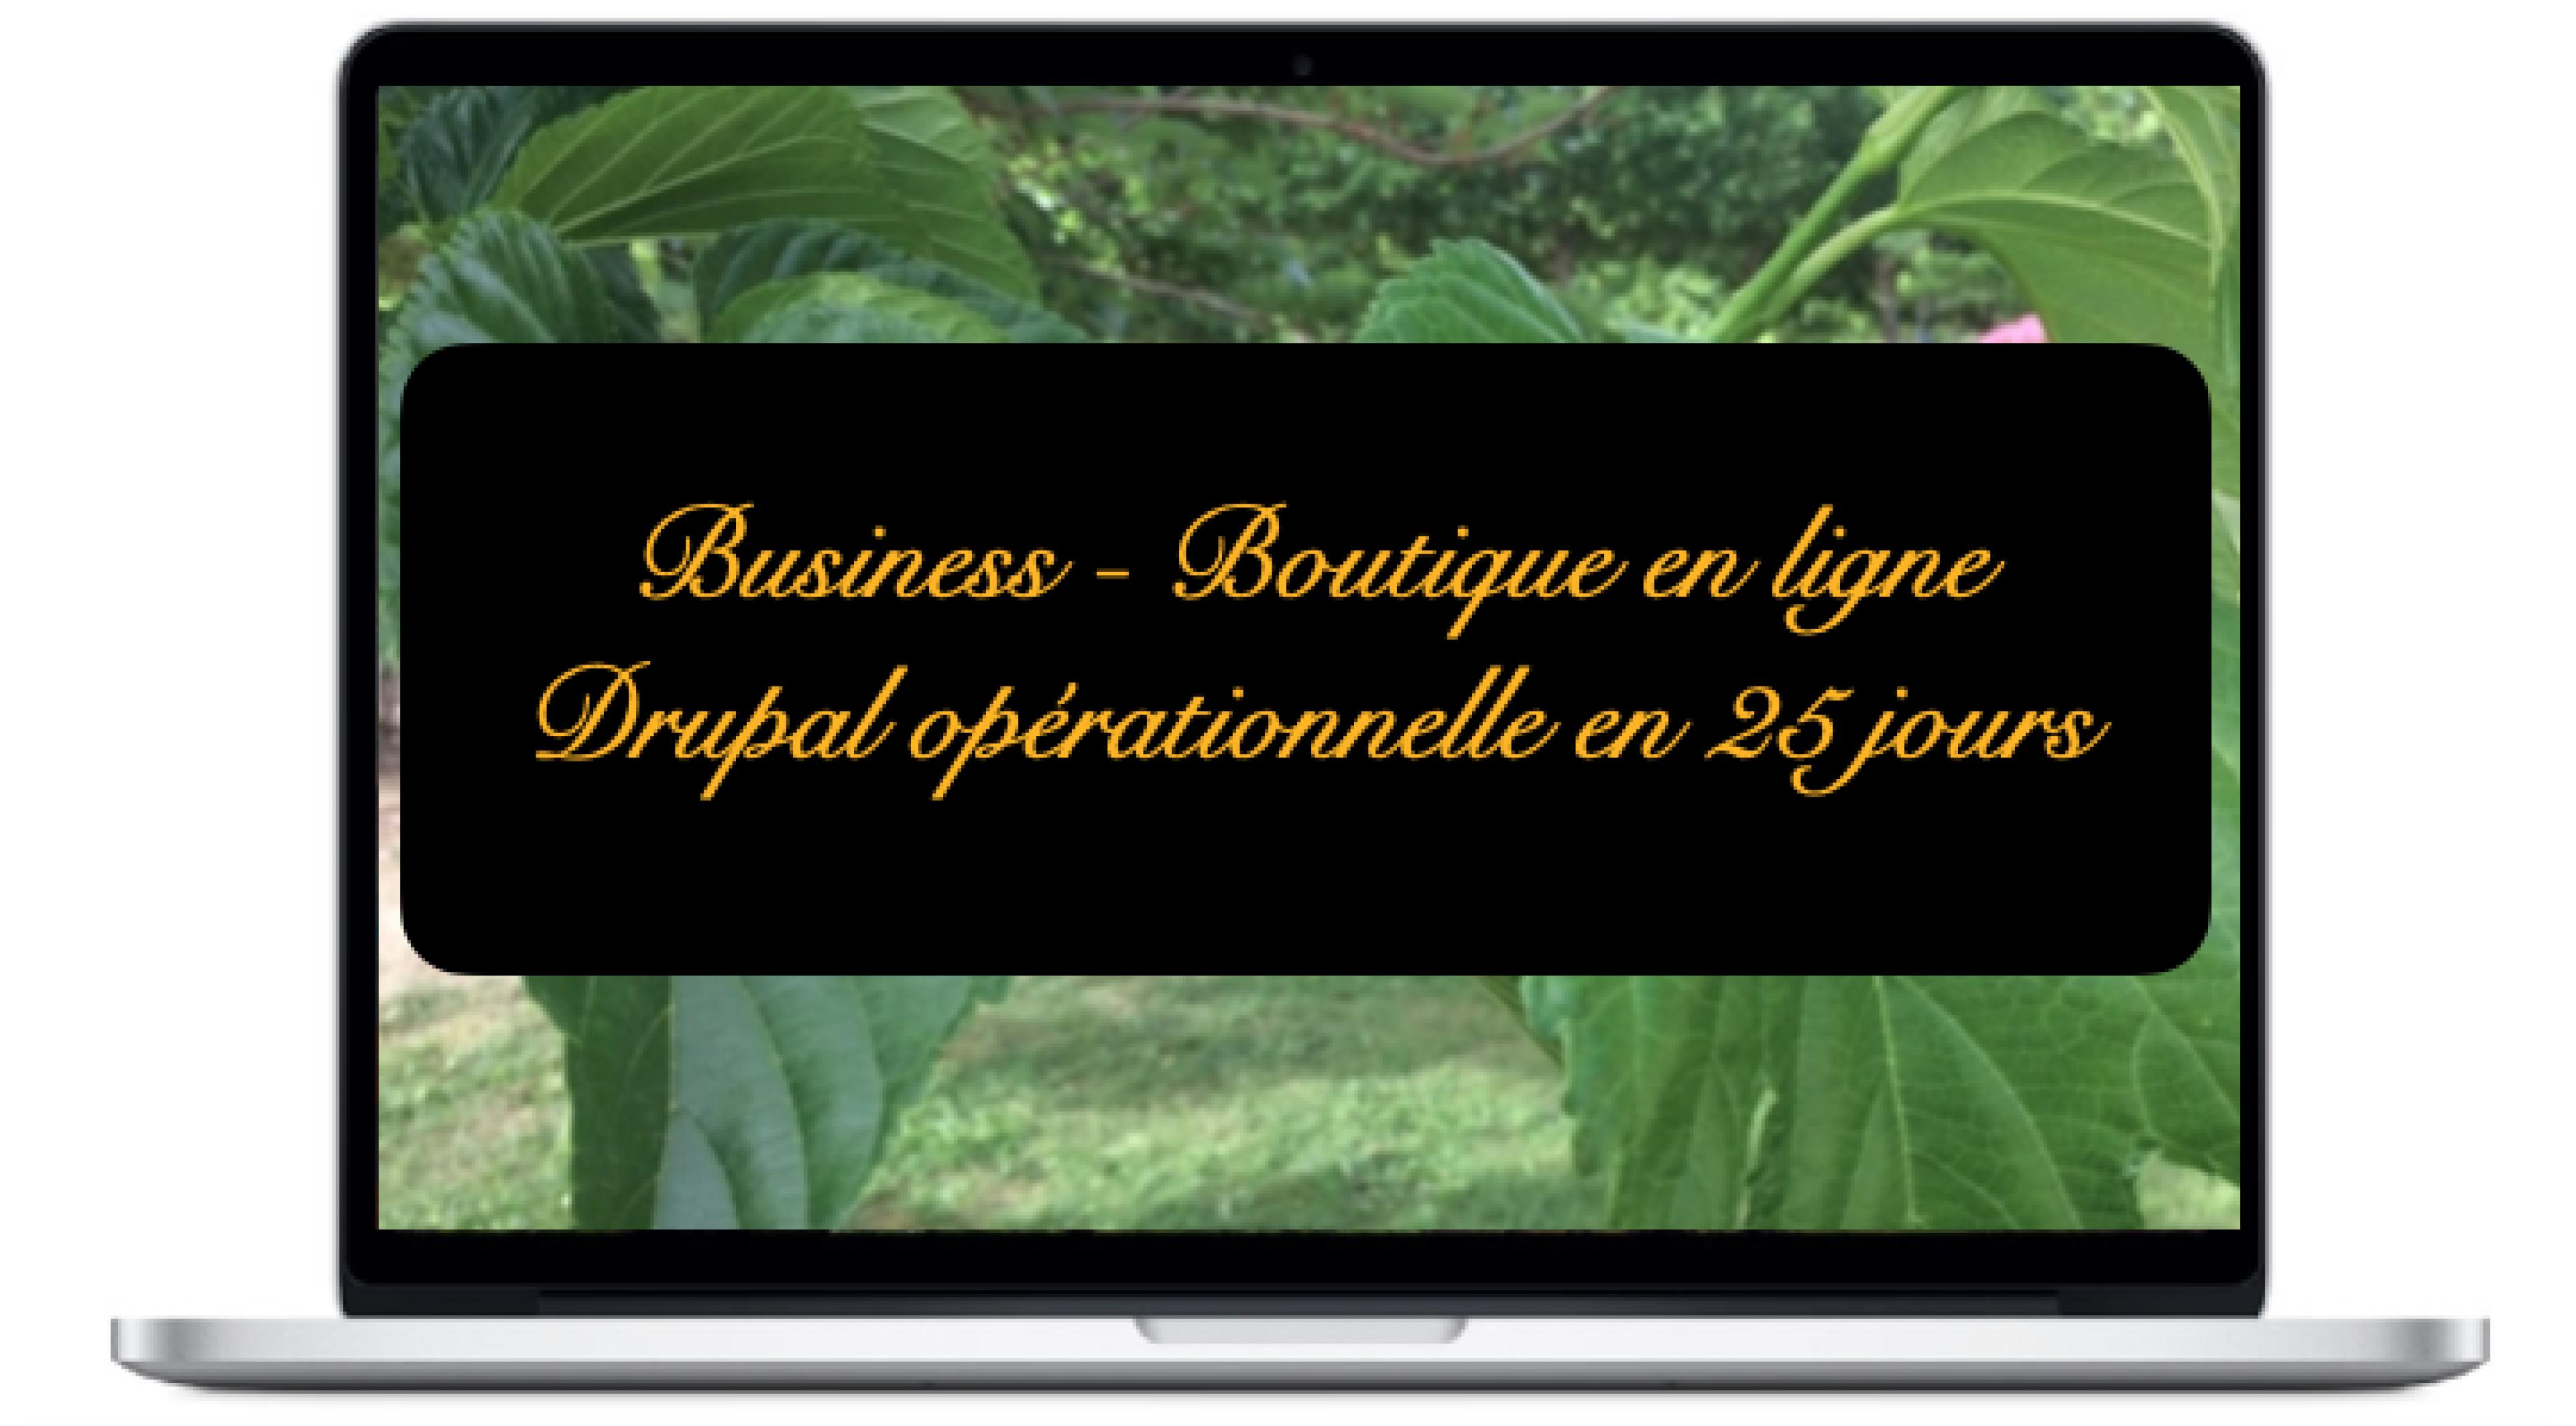 business-boutique-en-ligne-drupal-operationnelle-en-25-jours_0